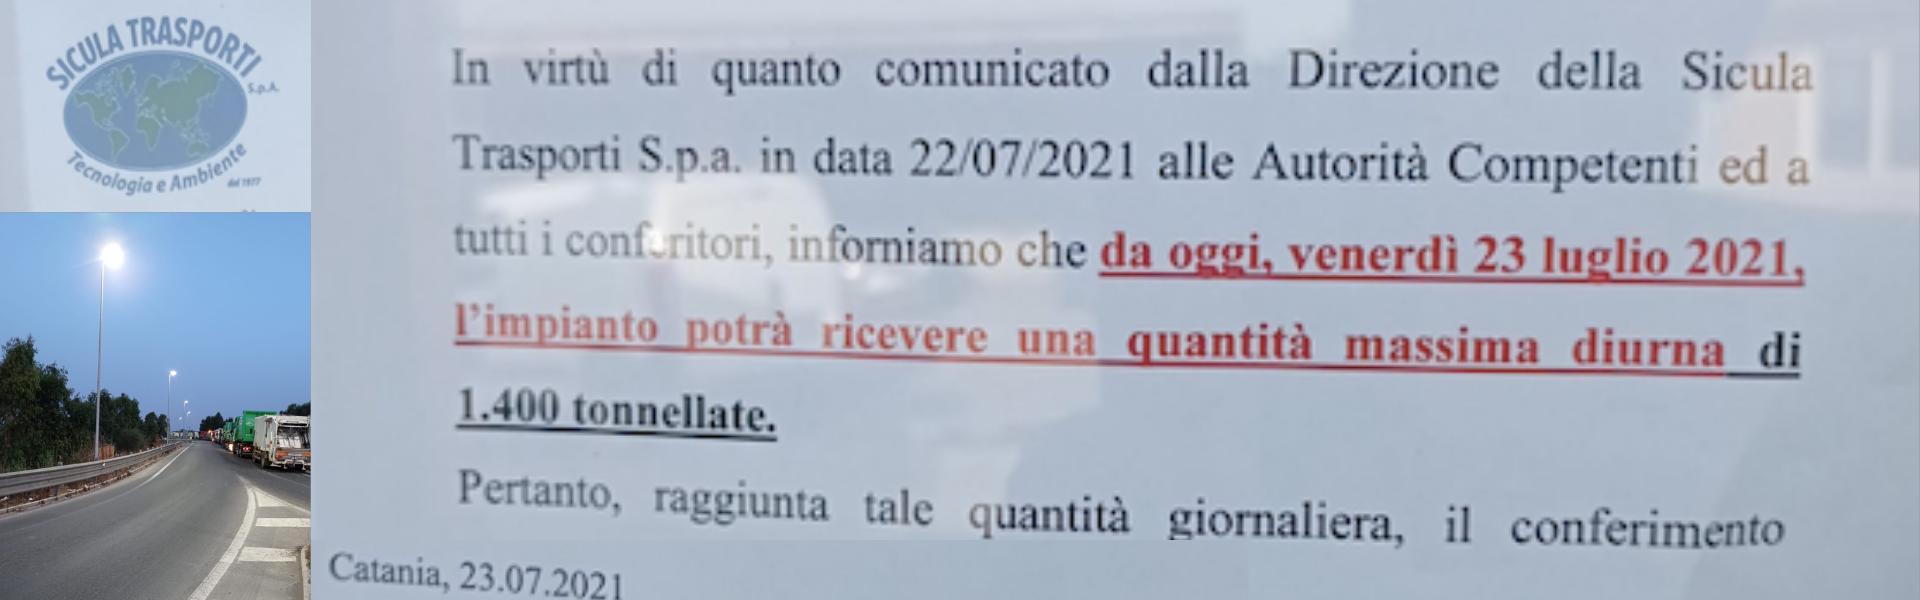 Foto-notizia: file interminabili - senza distanziamento sociale - all'aeroporto Fontanarossa